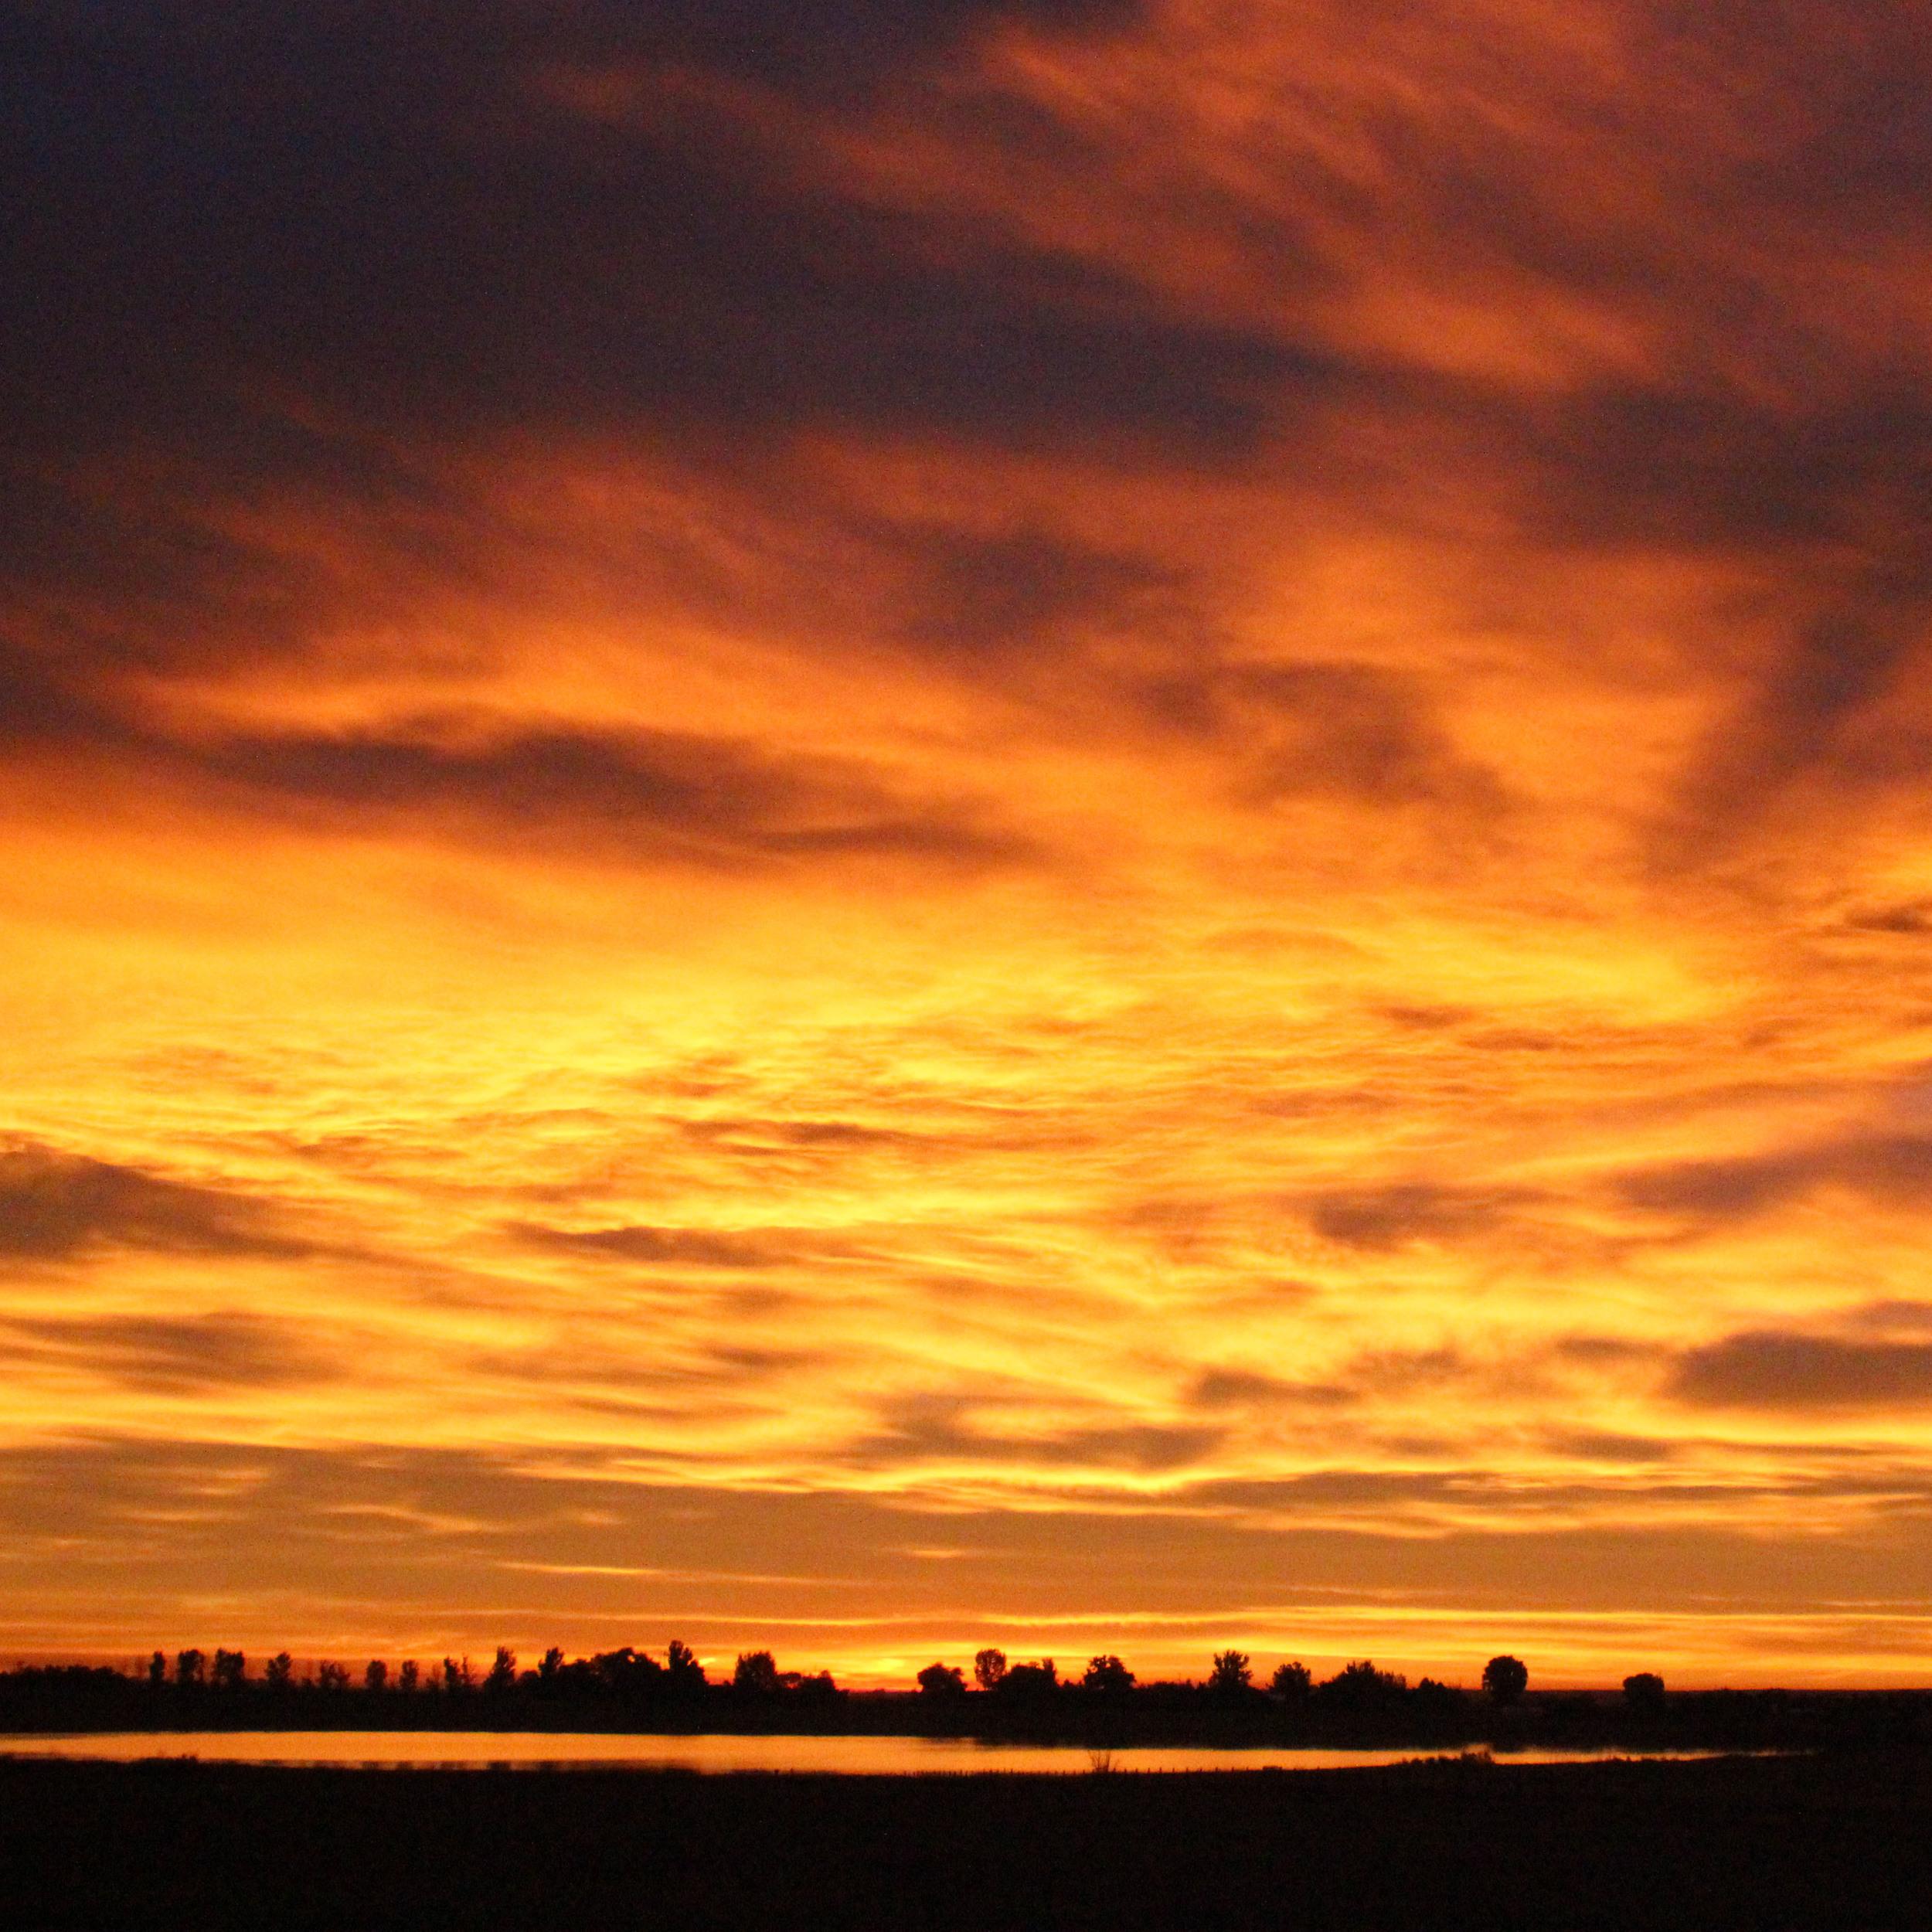 sunrise LR.jpg